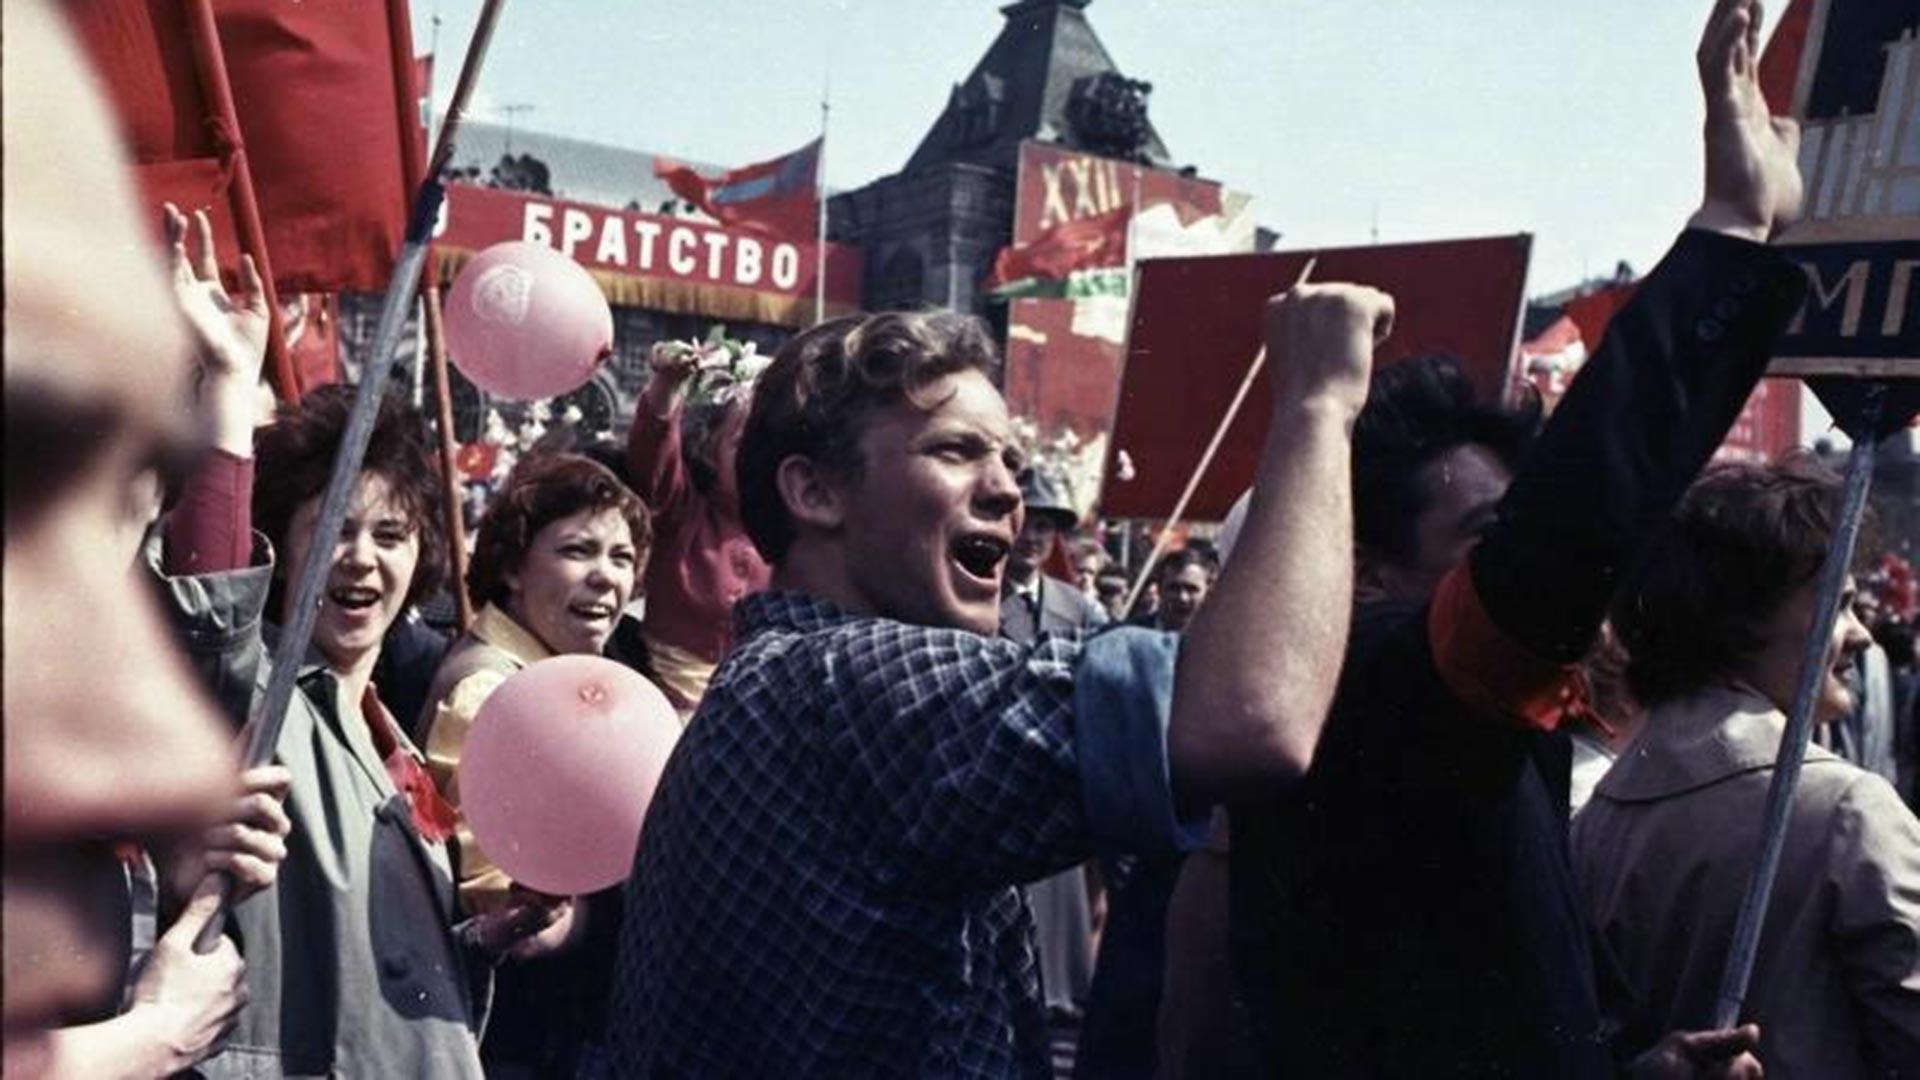 """Bei einer Demonstration am 1. Mai: Der Slogan im Hintergrund lautet """"Bruderschaft"""", 1950er Jahre."""